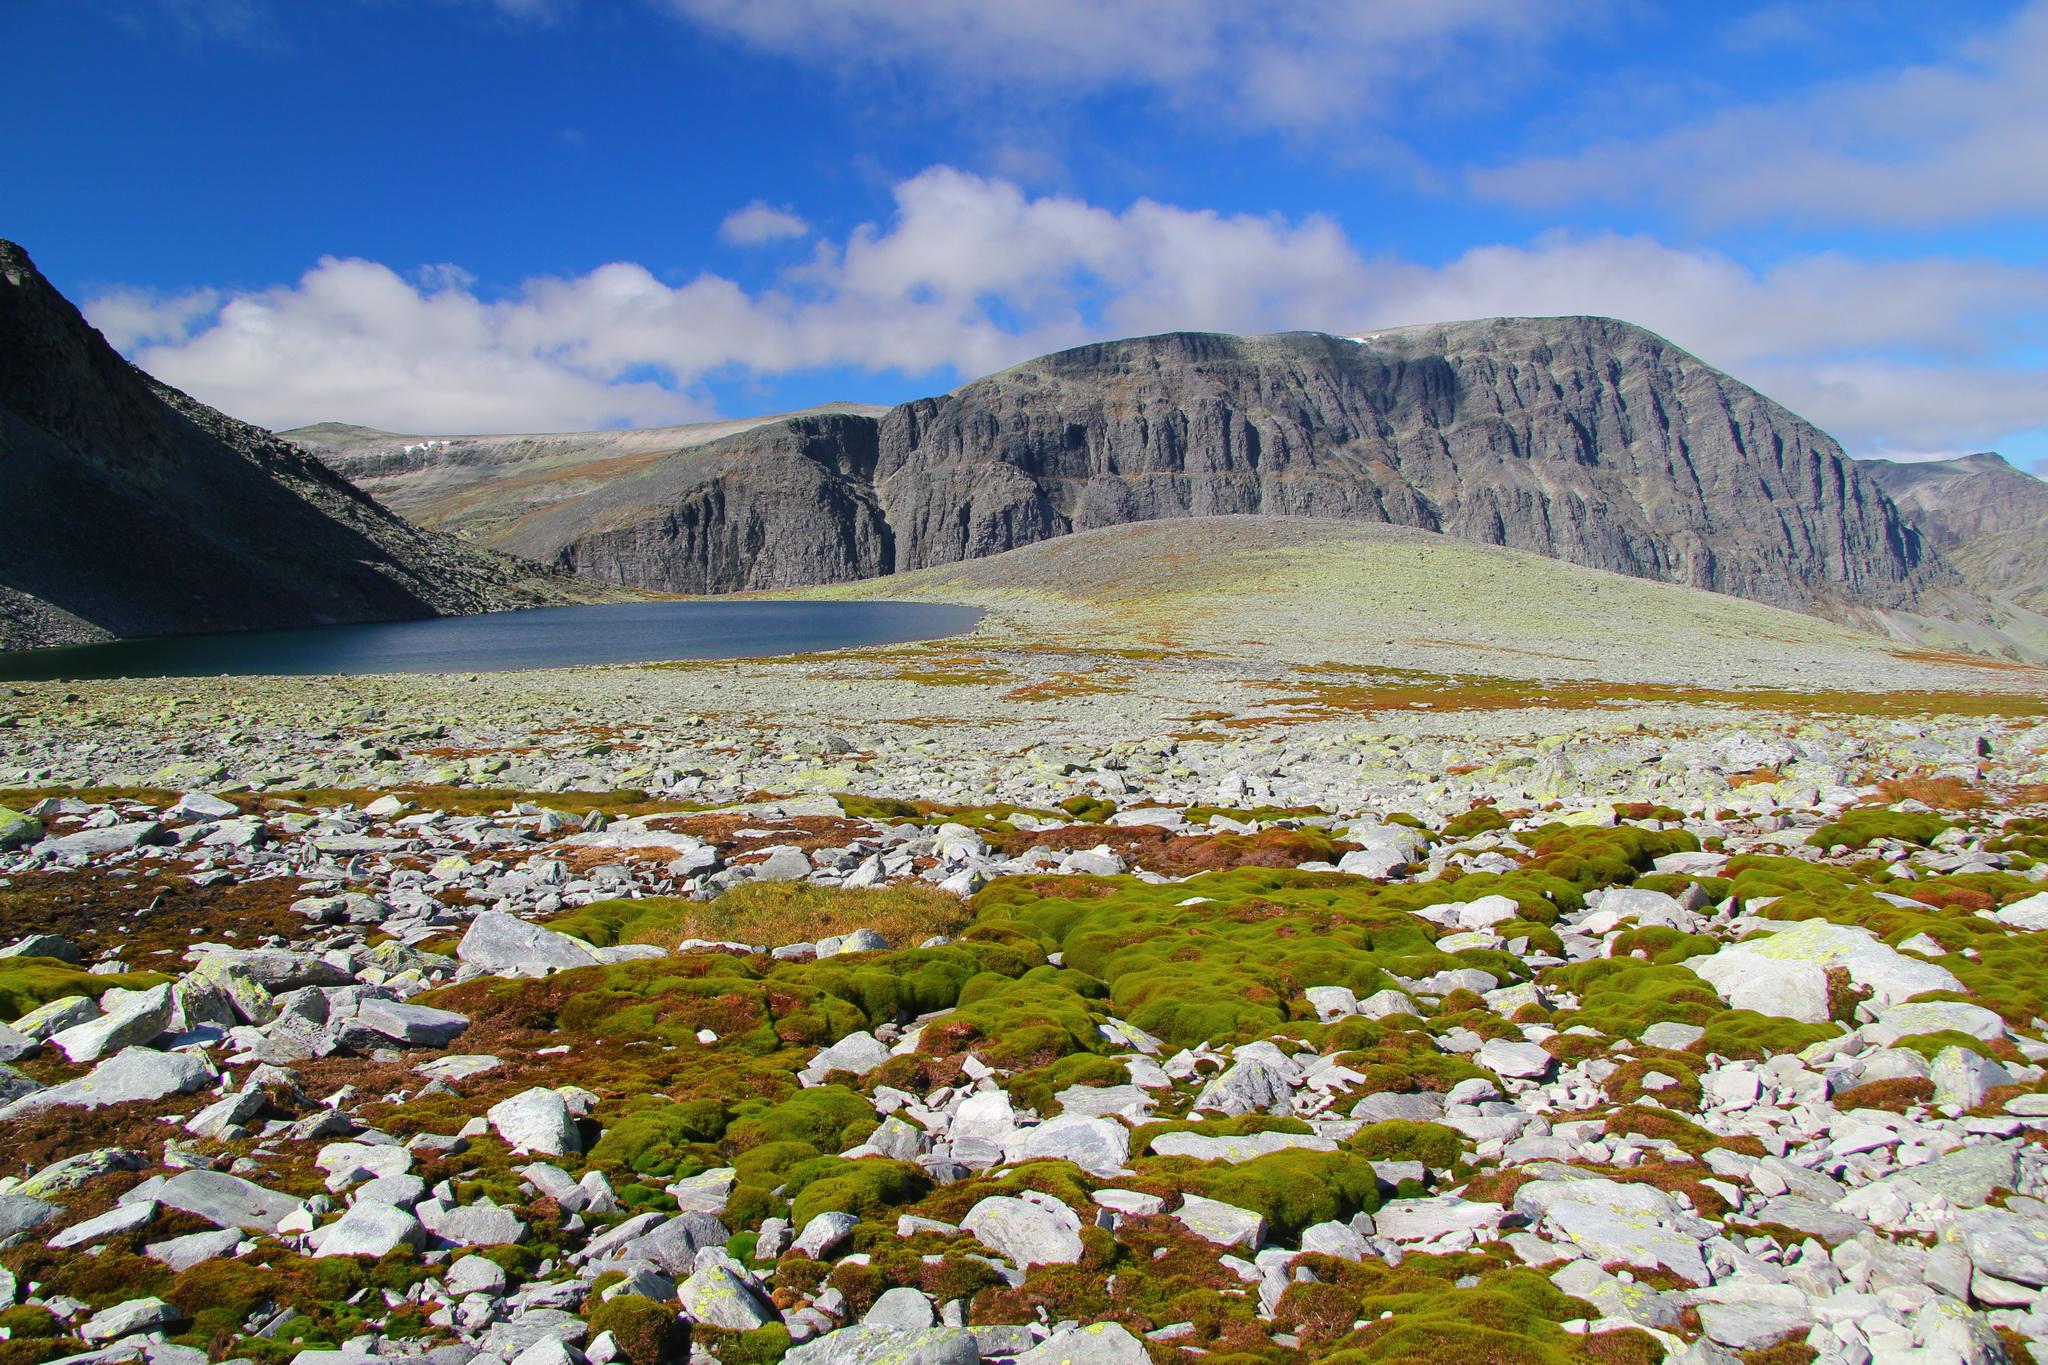 Údolí mezi horami Storsmeden a Trolltinden